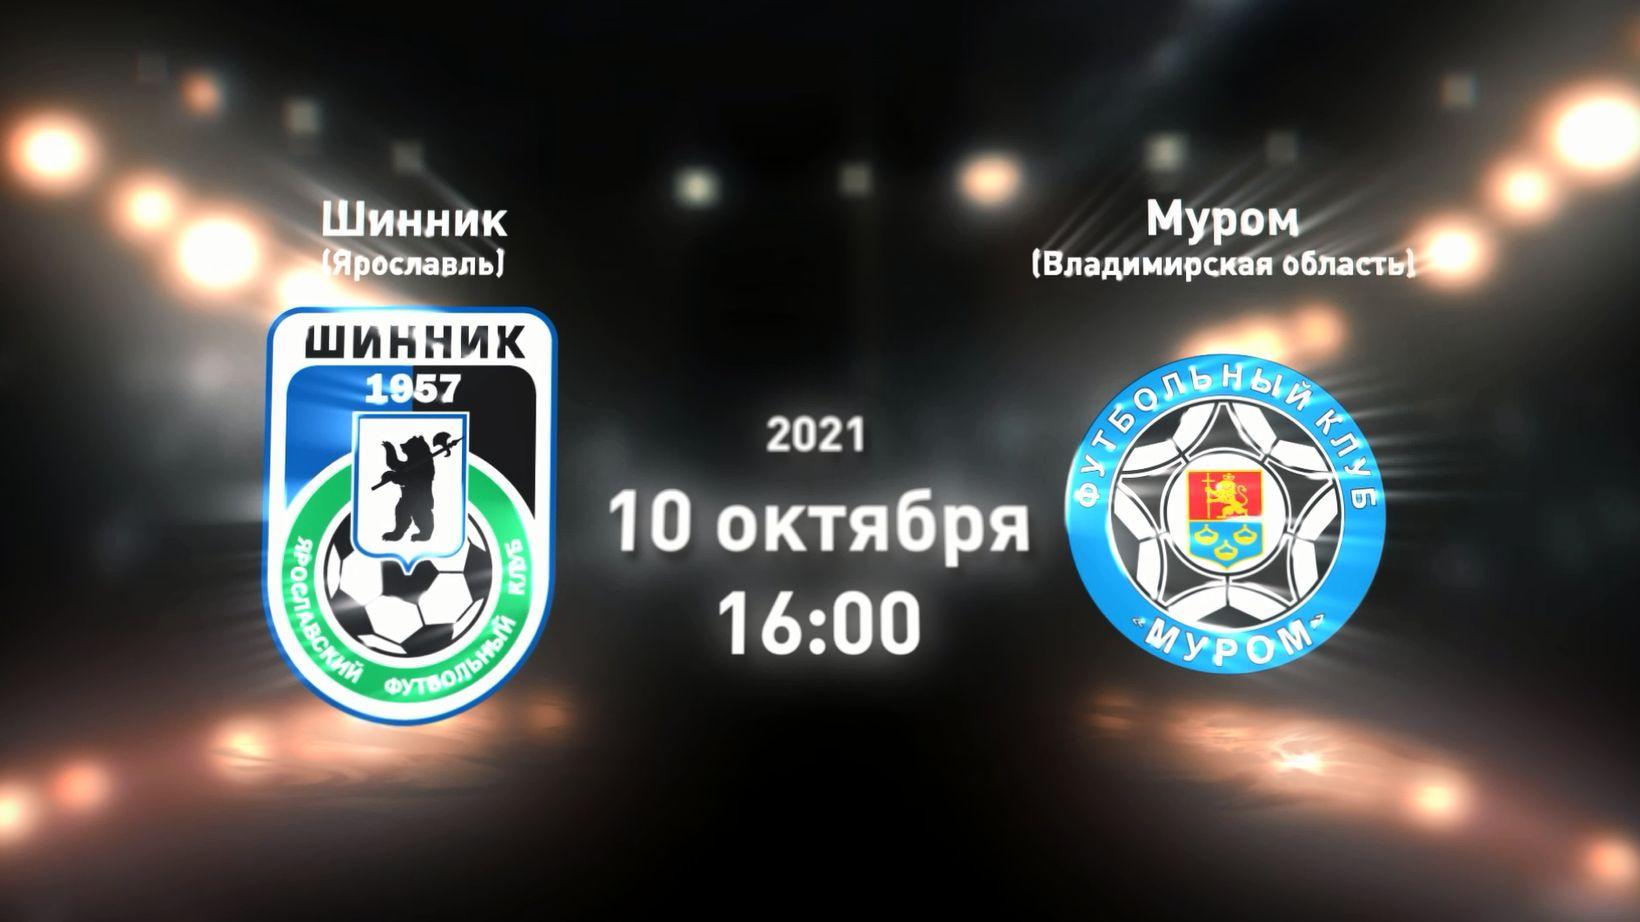 Съемочная группа «Первого Ярославского» посетила тренировку «Шинника» перед воскресным матчем с «Муромом»